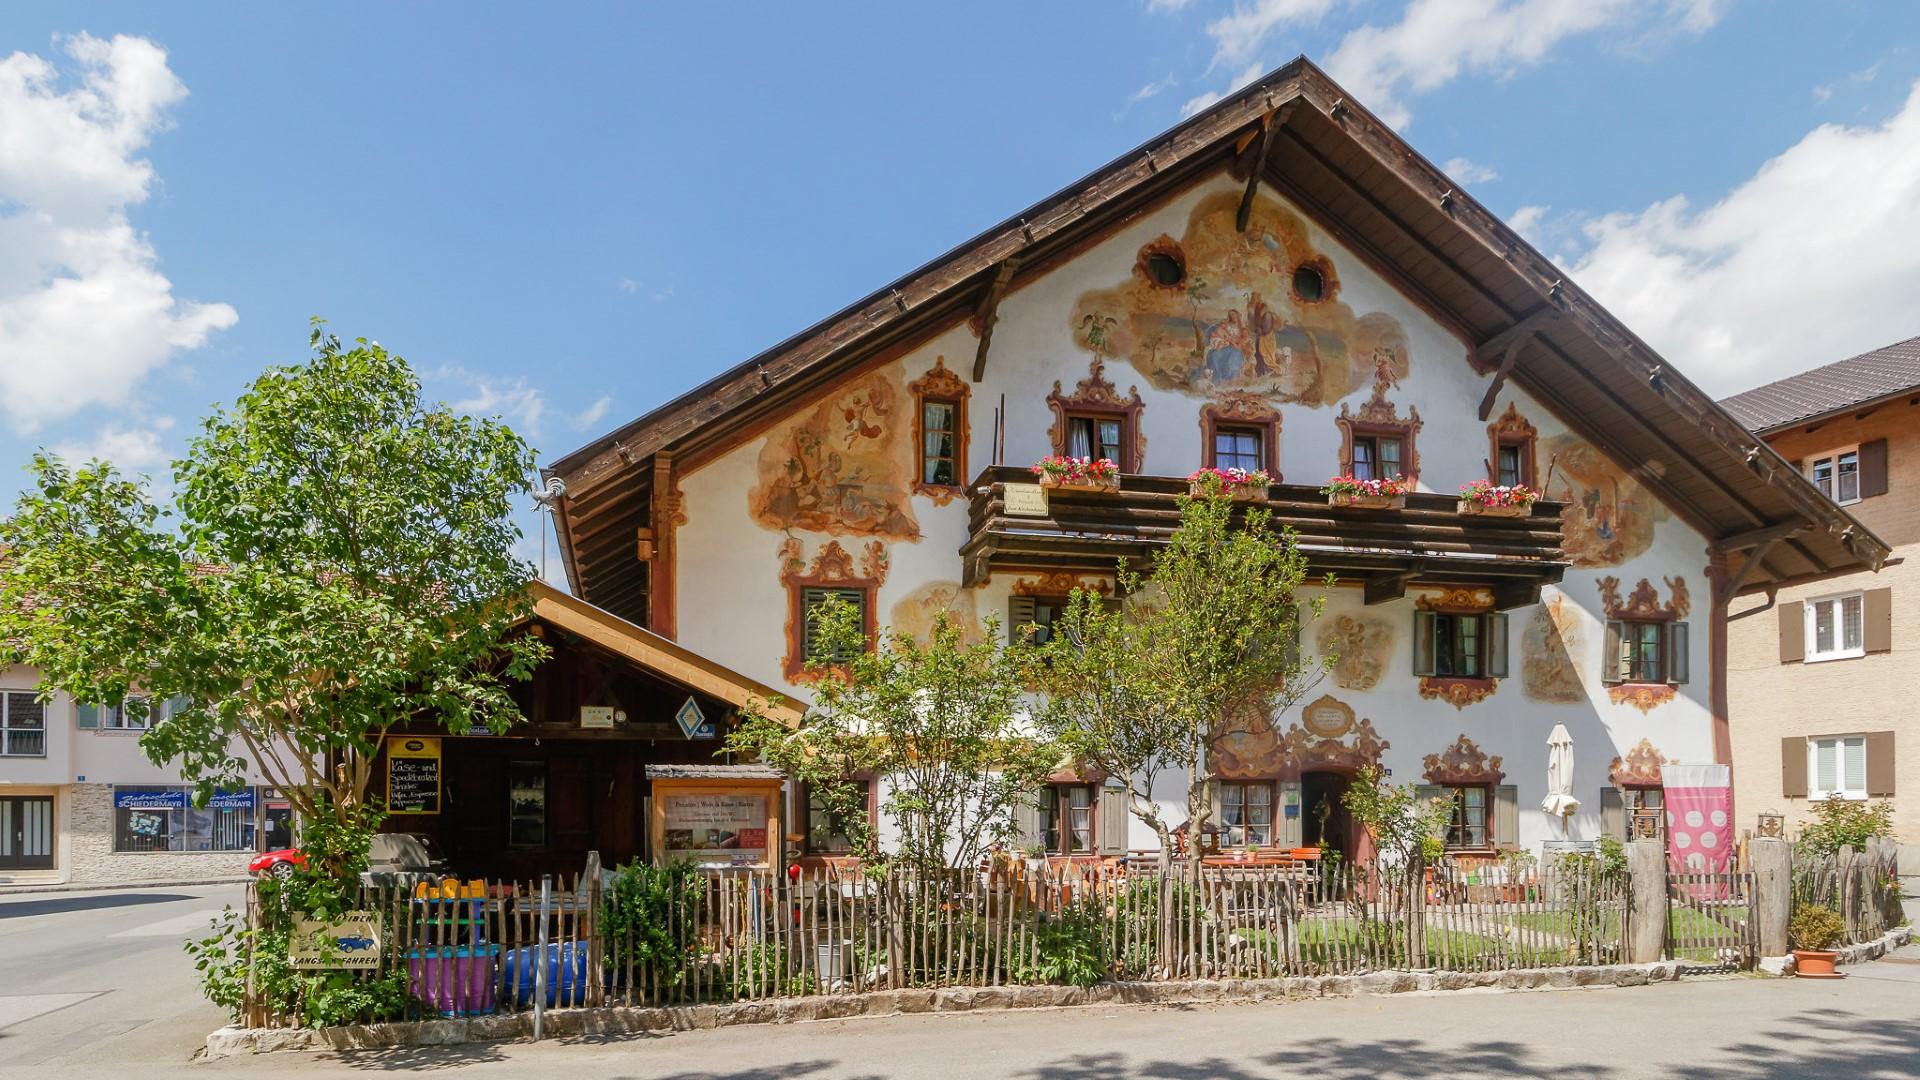 Day trip from munich: Oberammergau